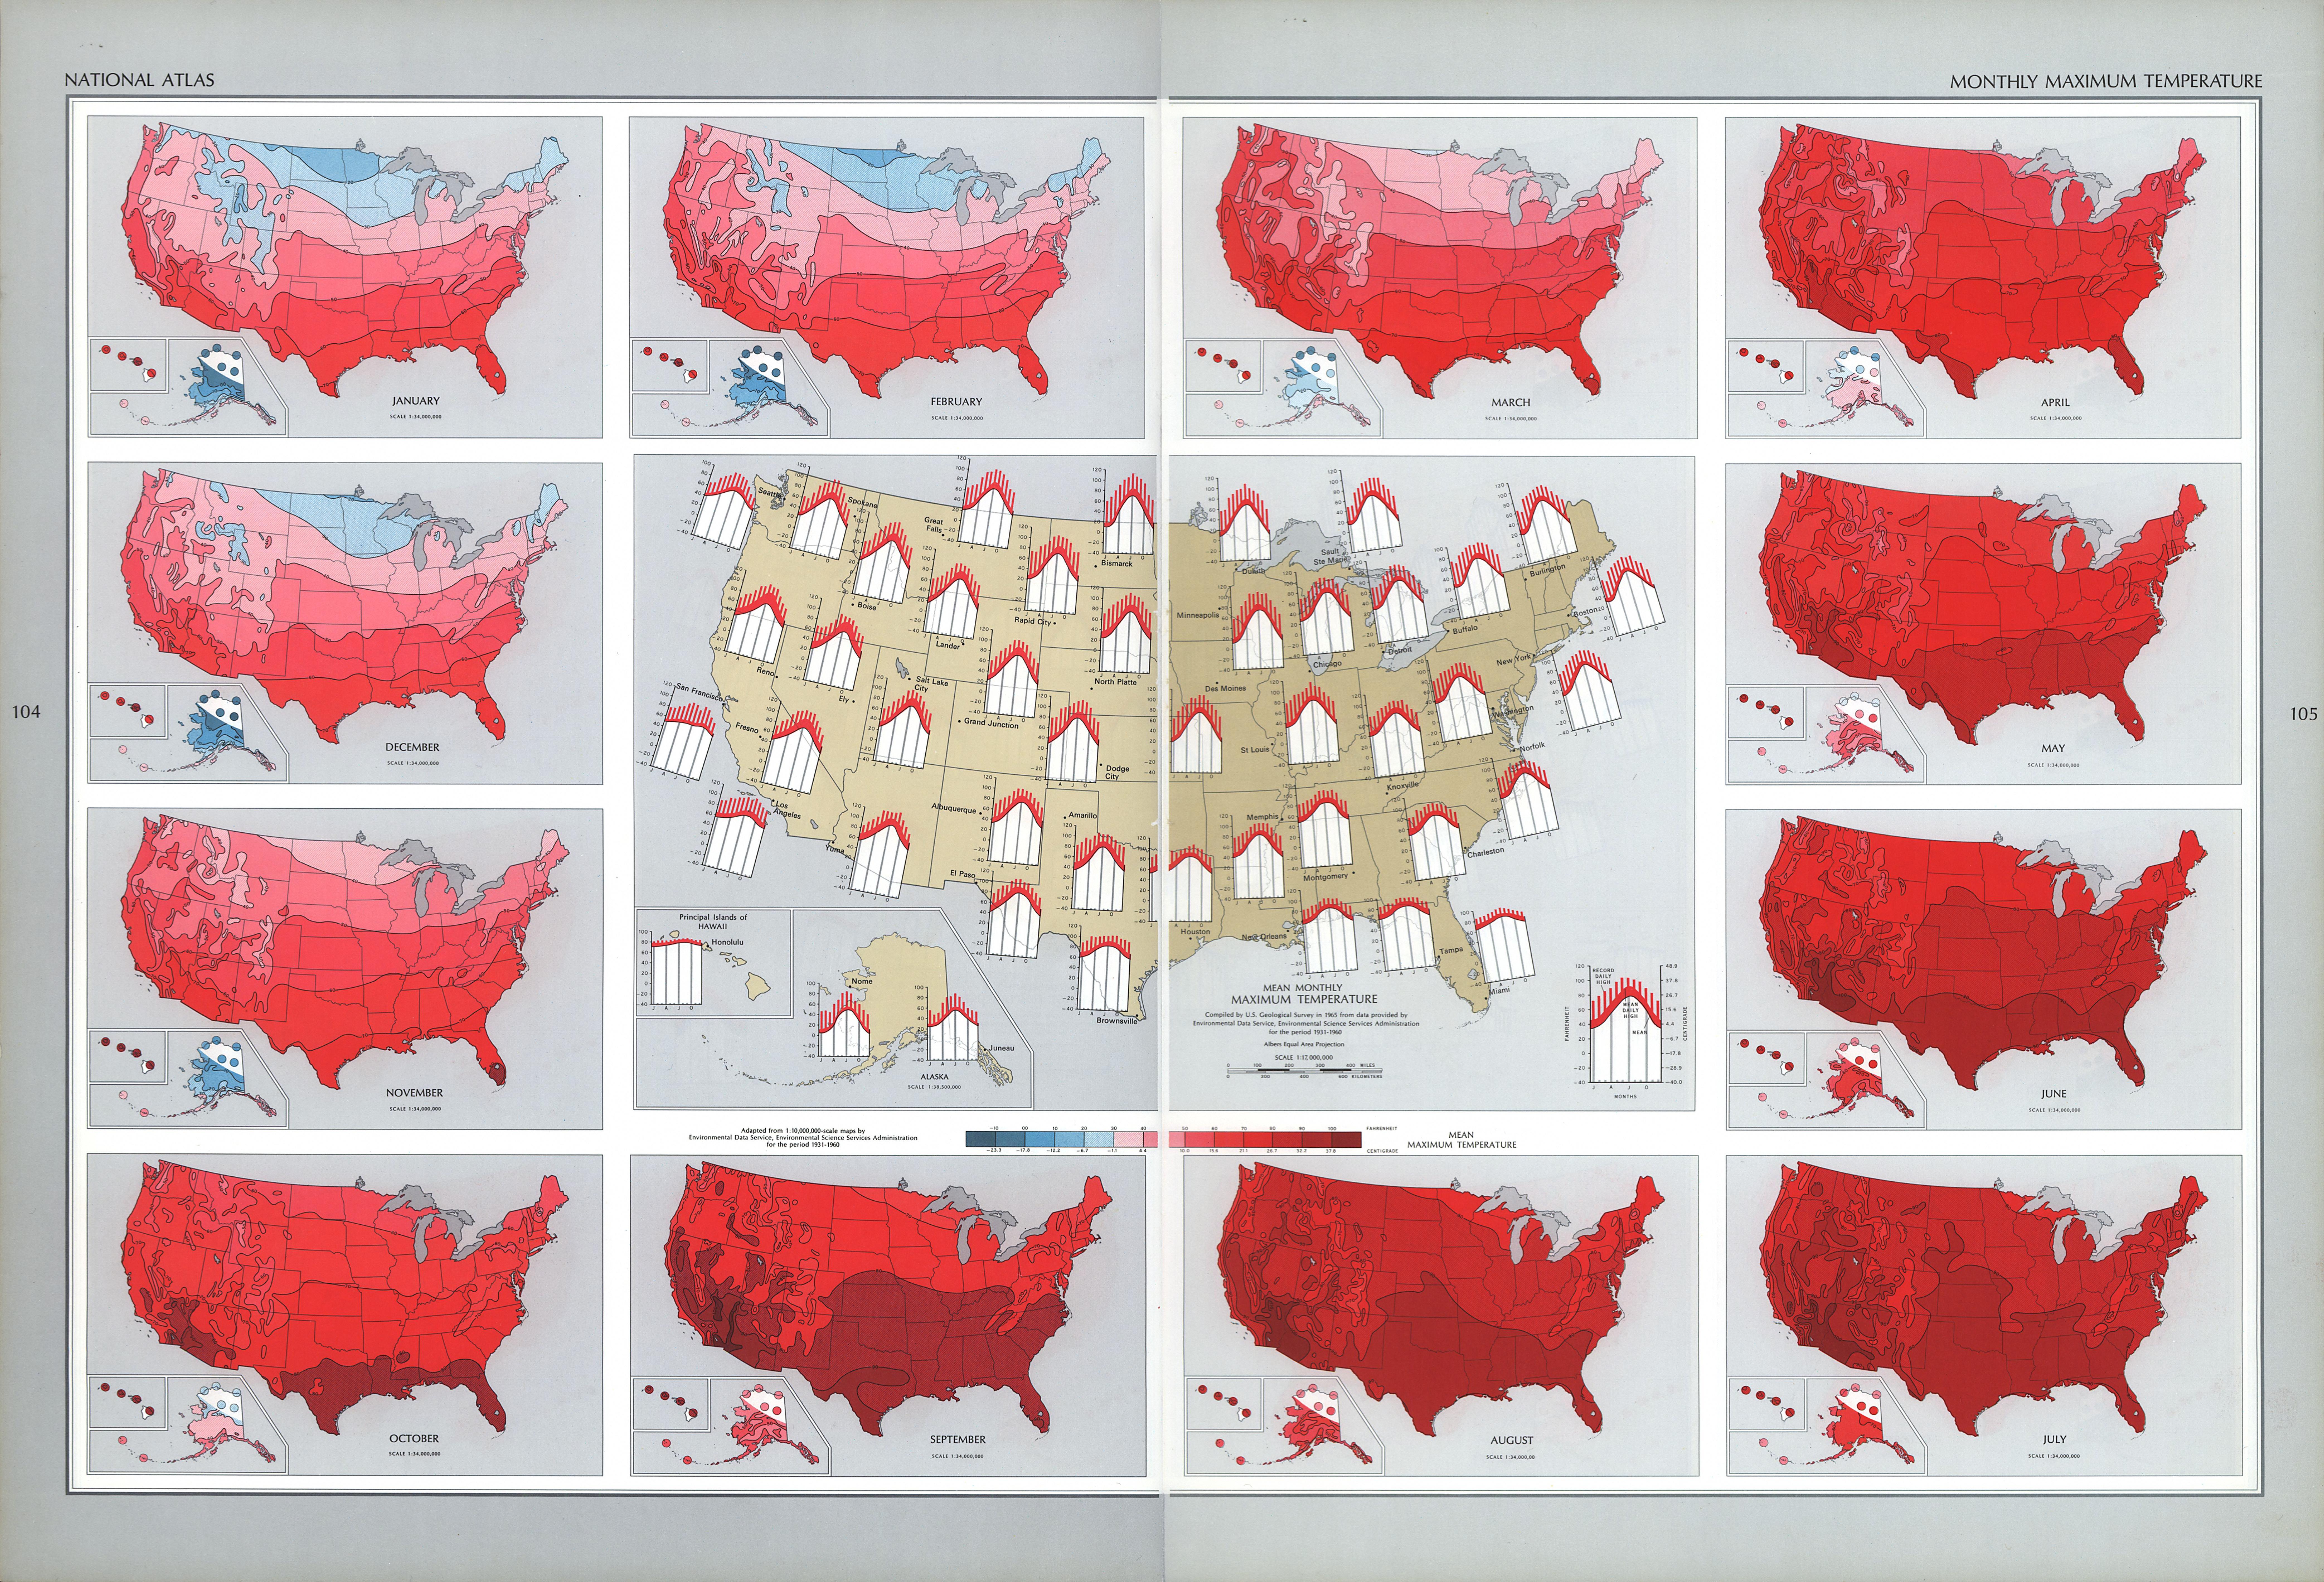 Mapa de las Temperaturas Máximas Mensuales en Estados Unidos